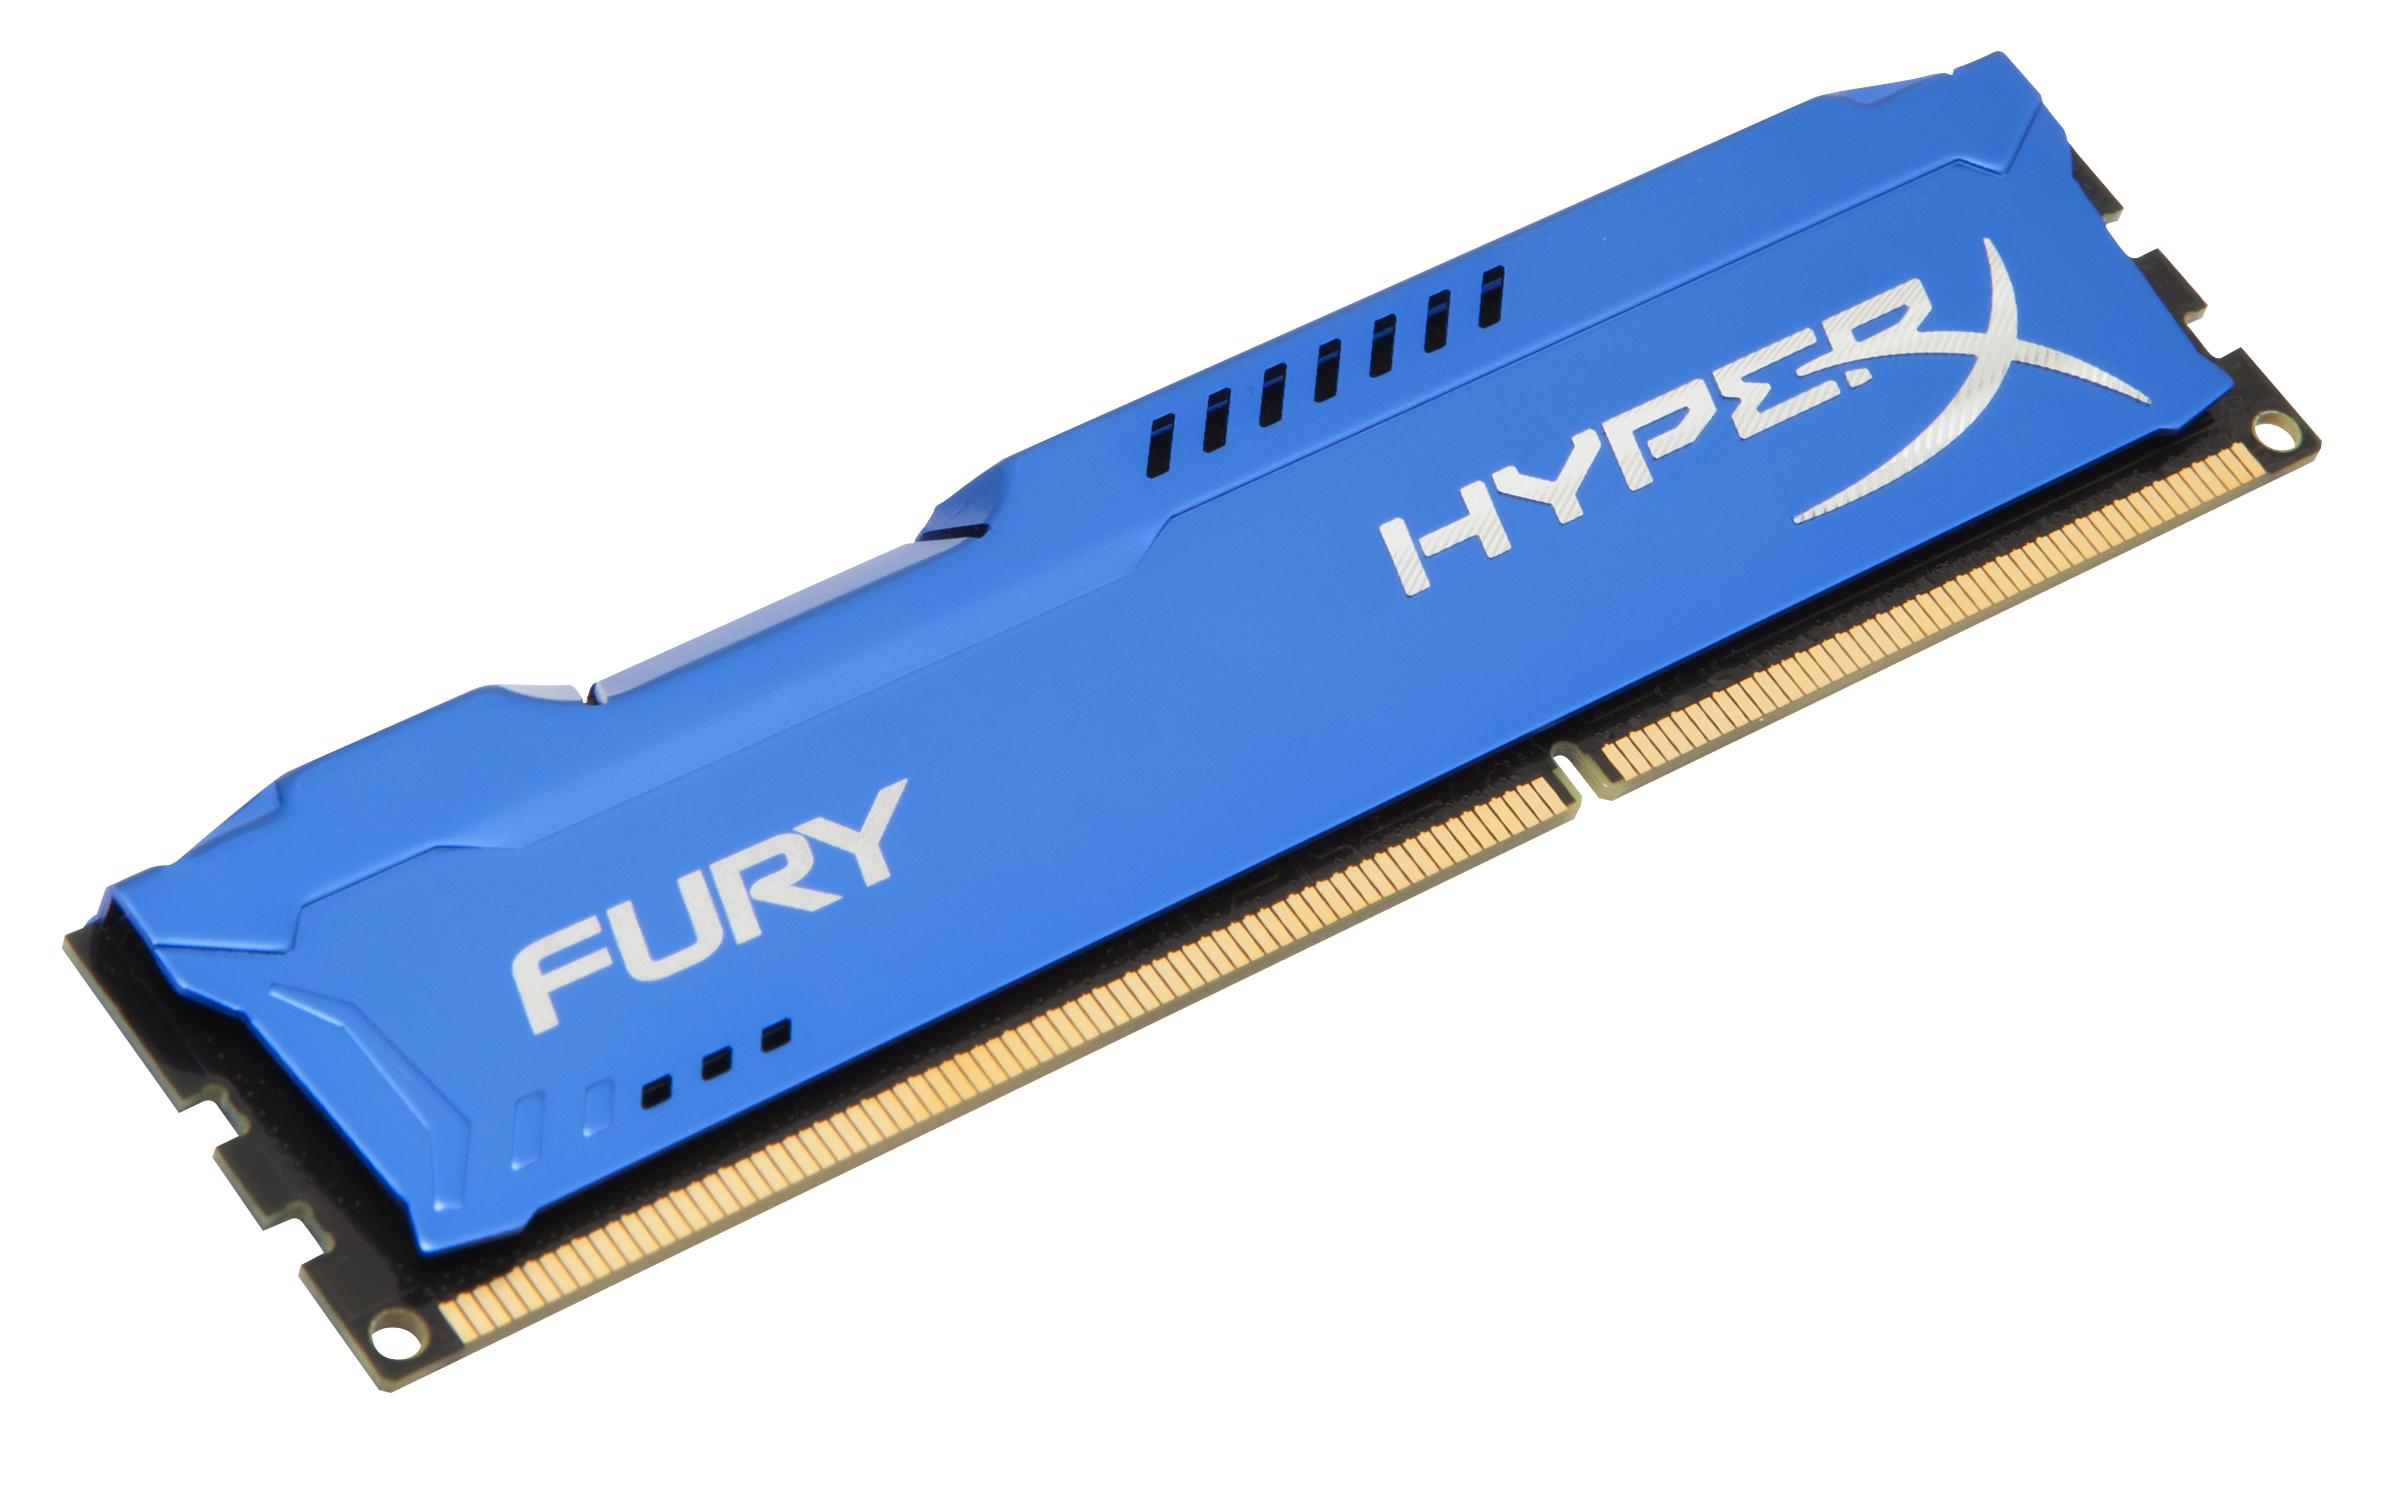 HyperX FURY Blue 8GB 1600MHz DDR3 8GB DDR3 1600MHz memory module